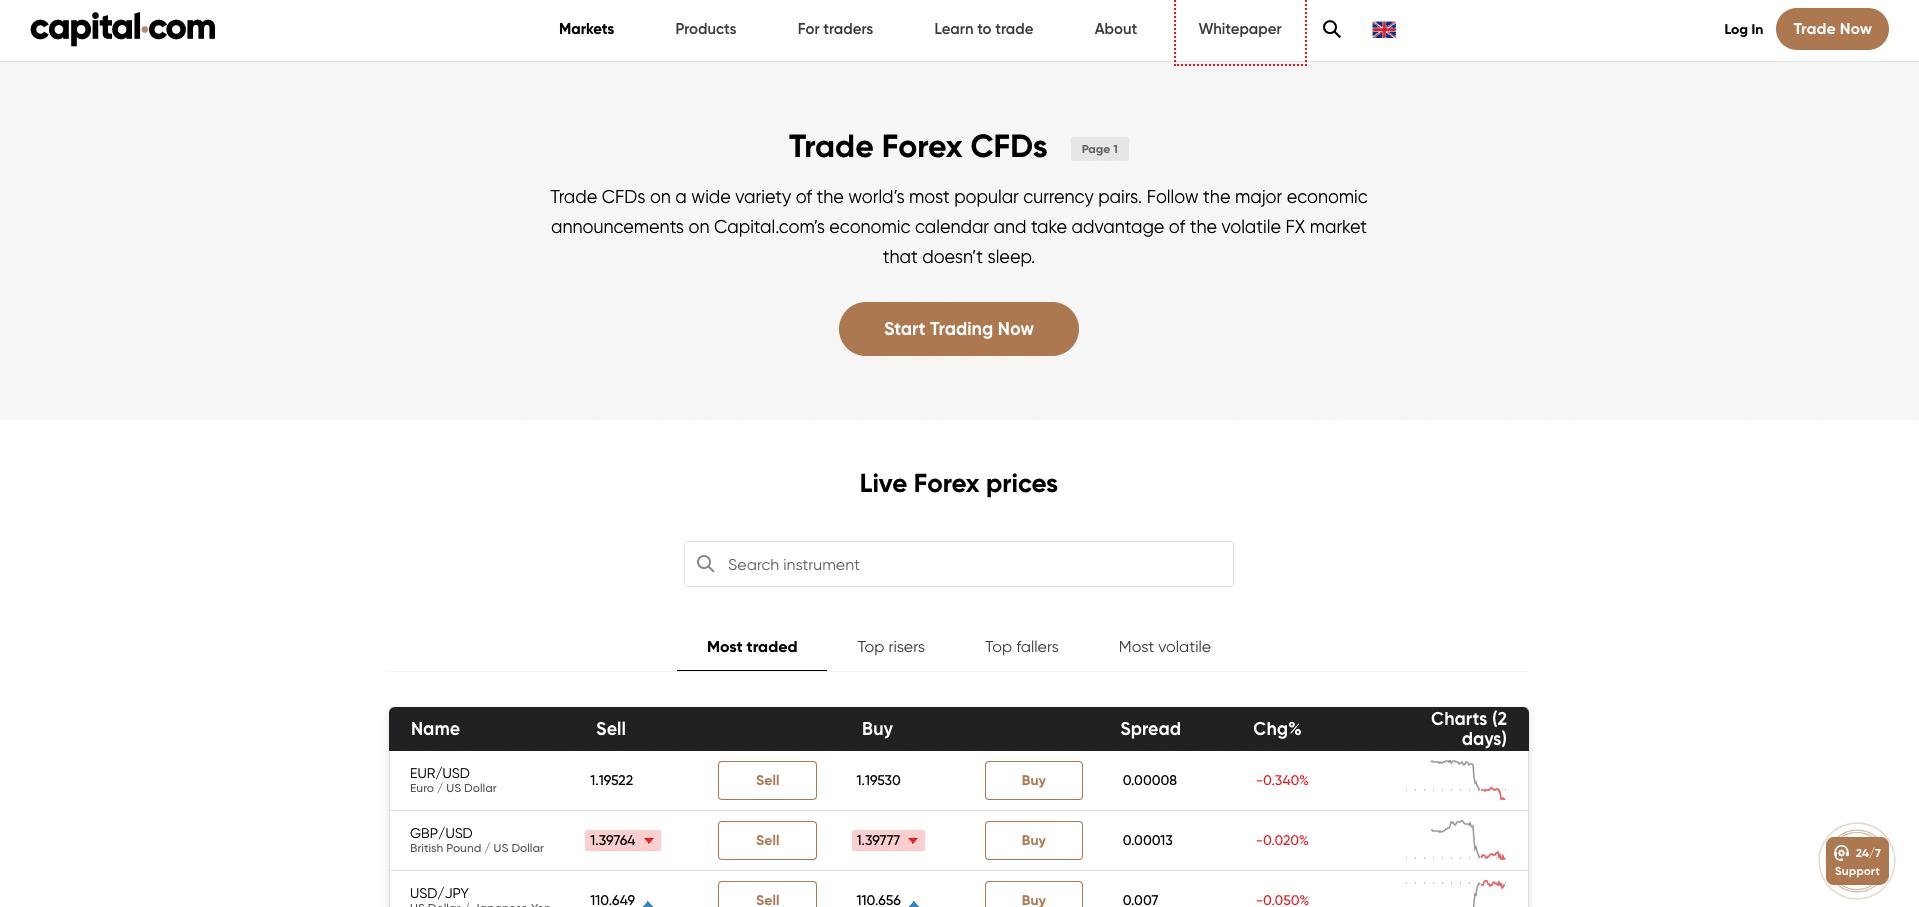 capital.com forex